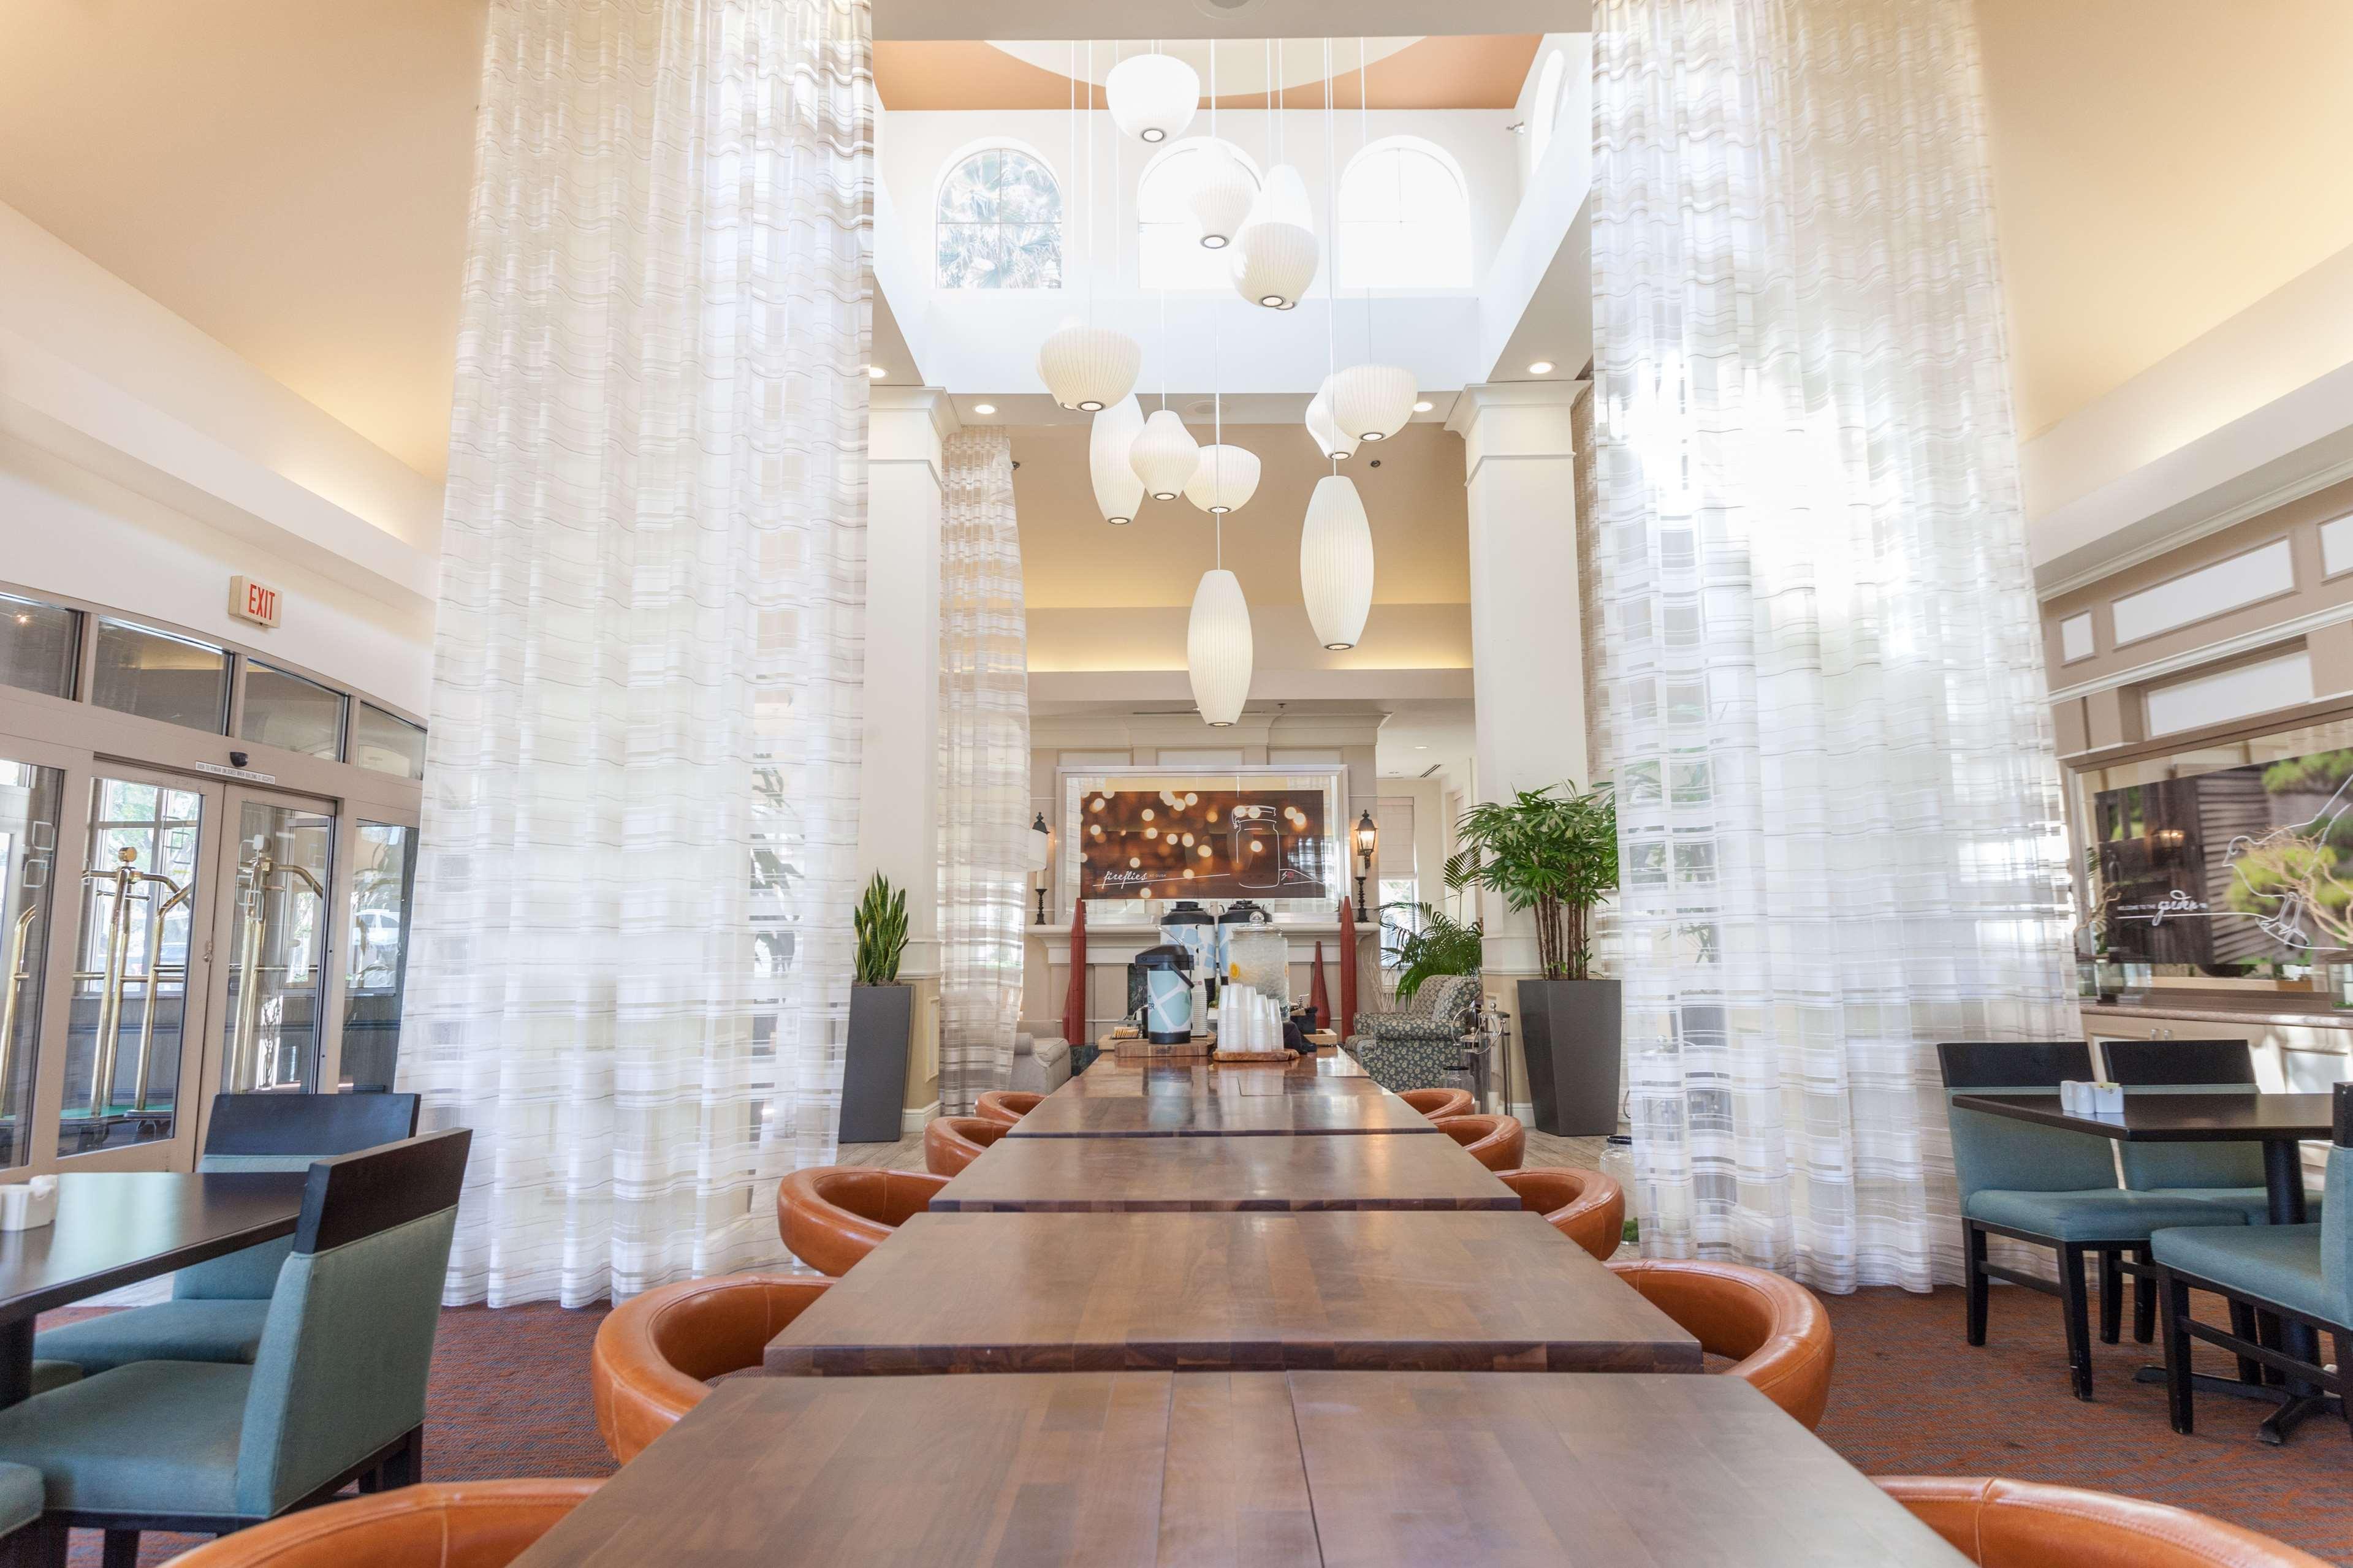 Hilton Garden Inn Palm Springs/Rancho Mirage image 6